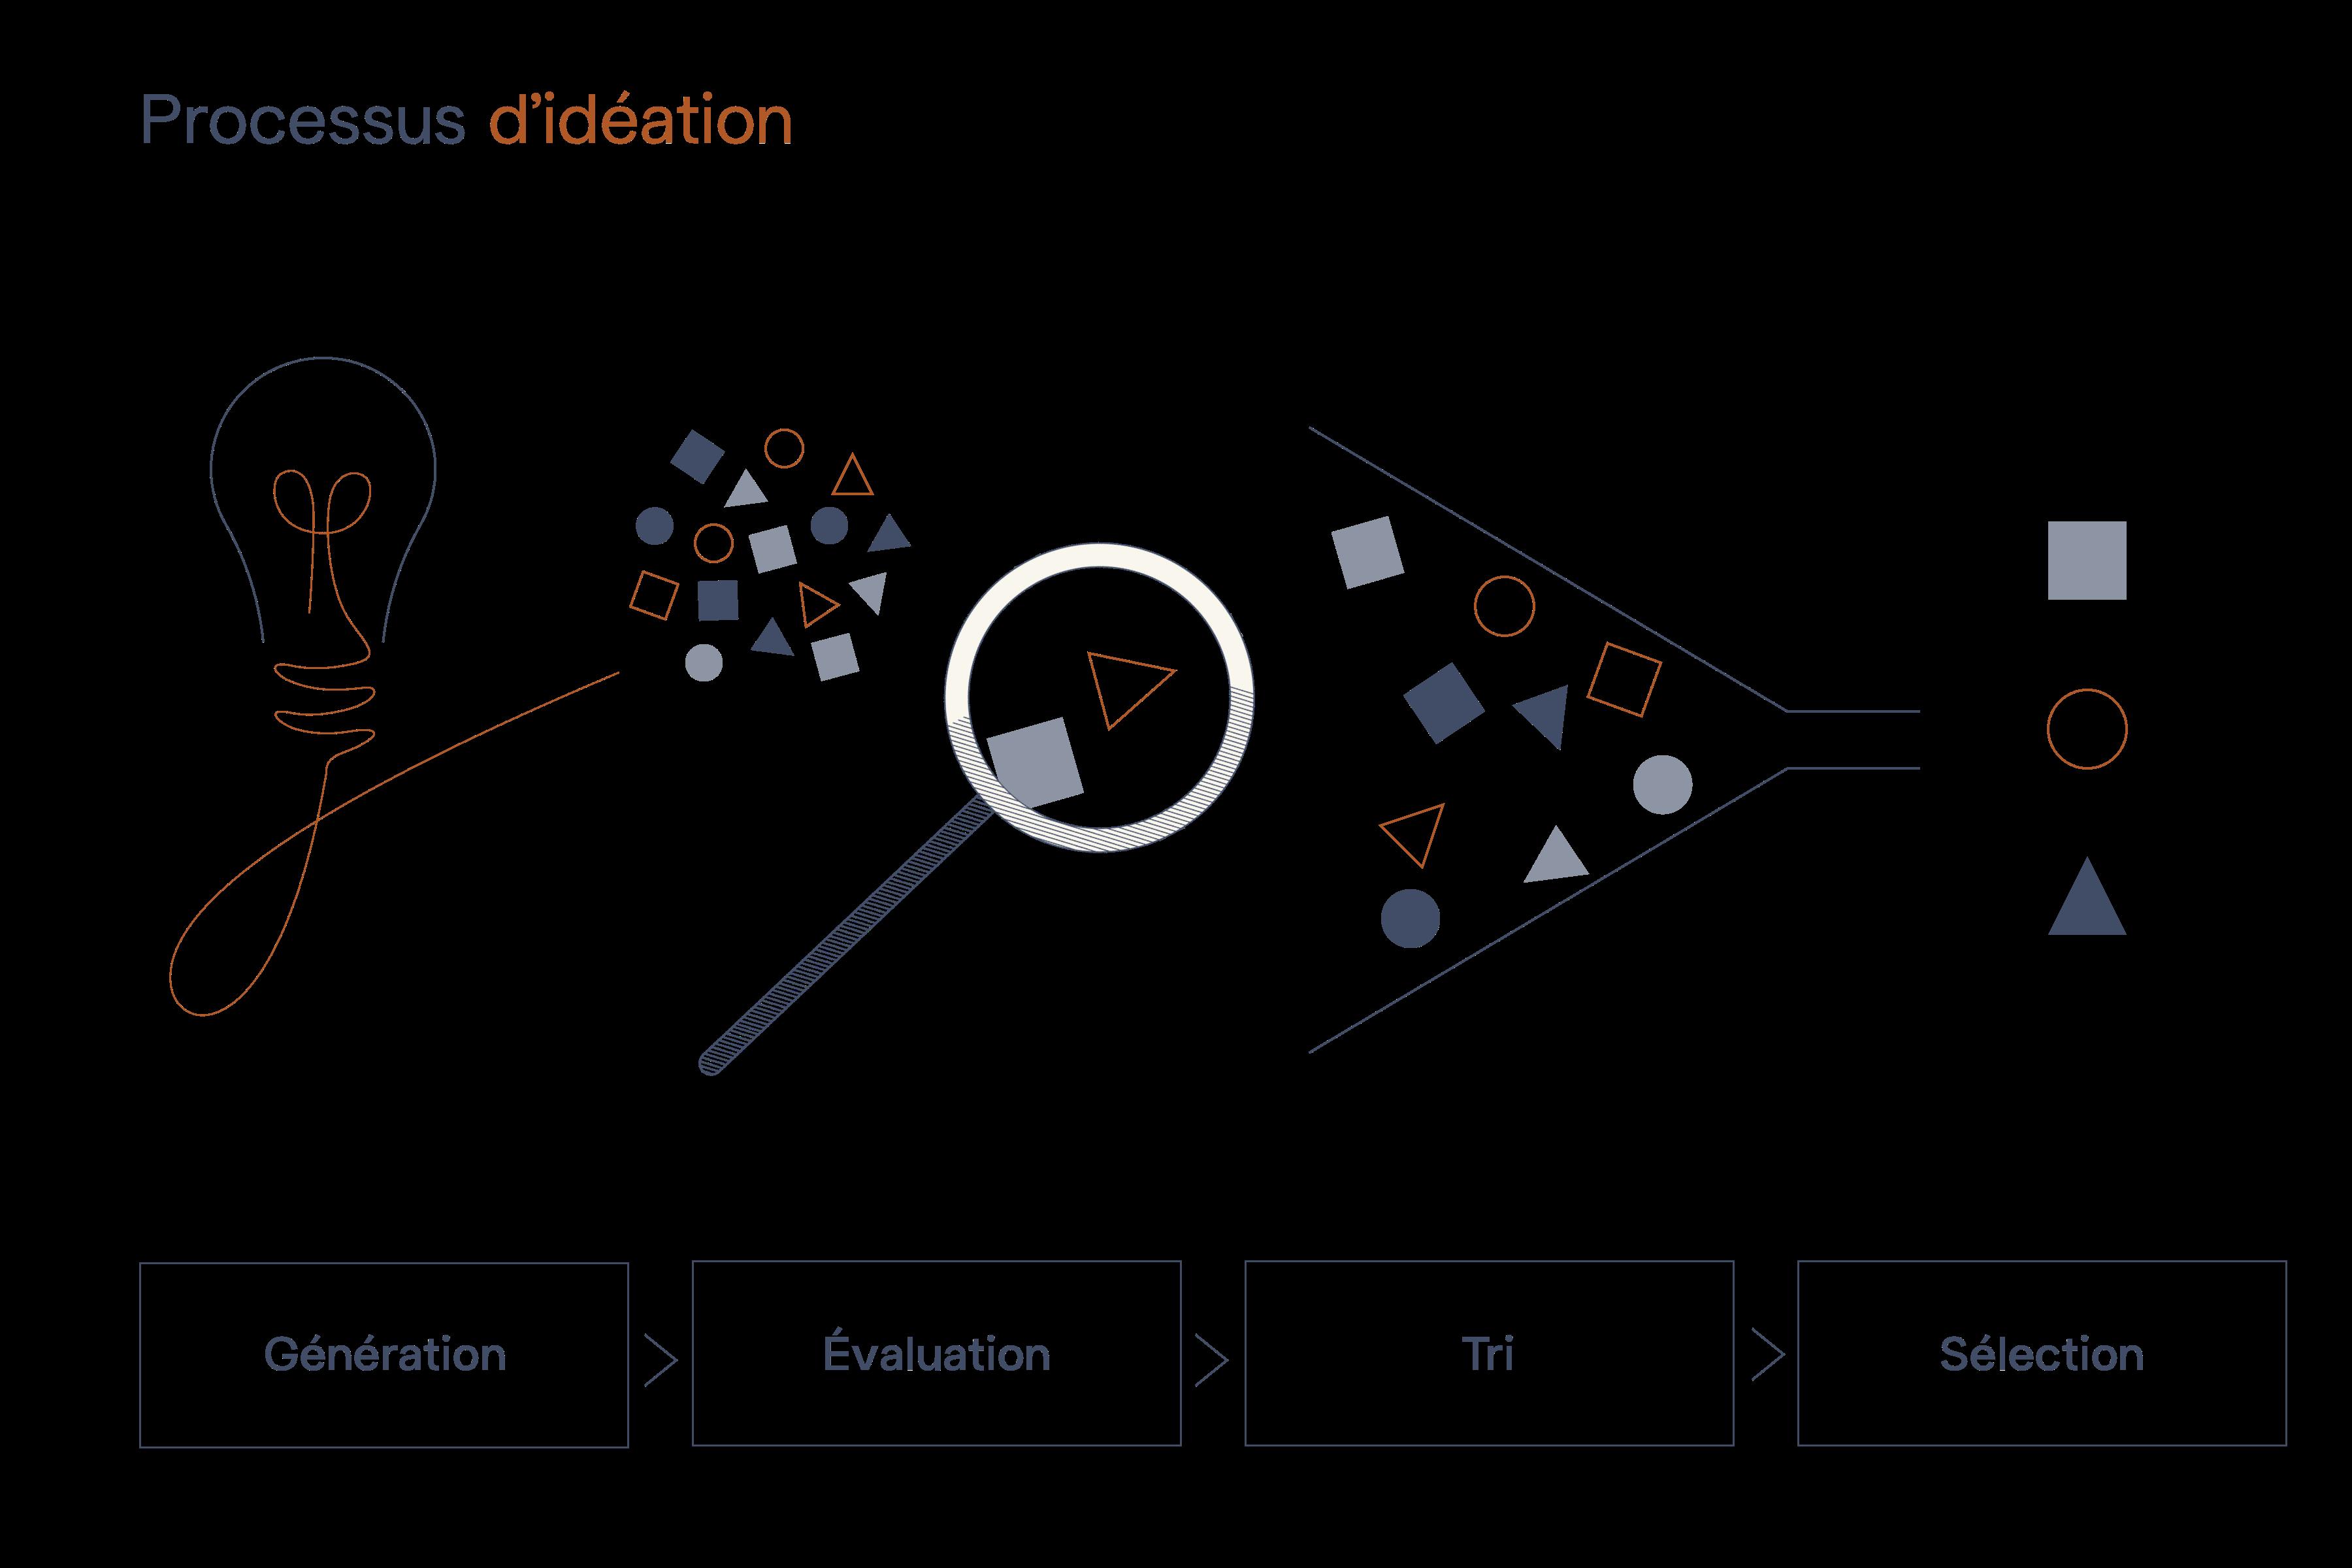 processus idéation - transformer une idée en innovation